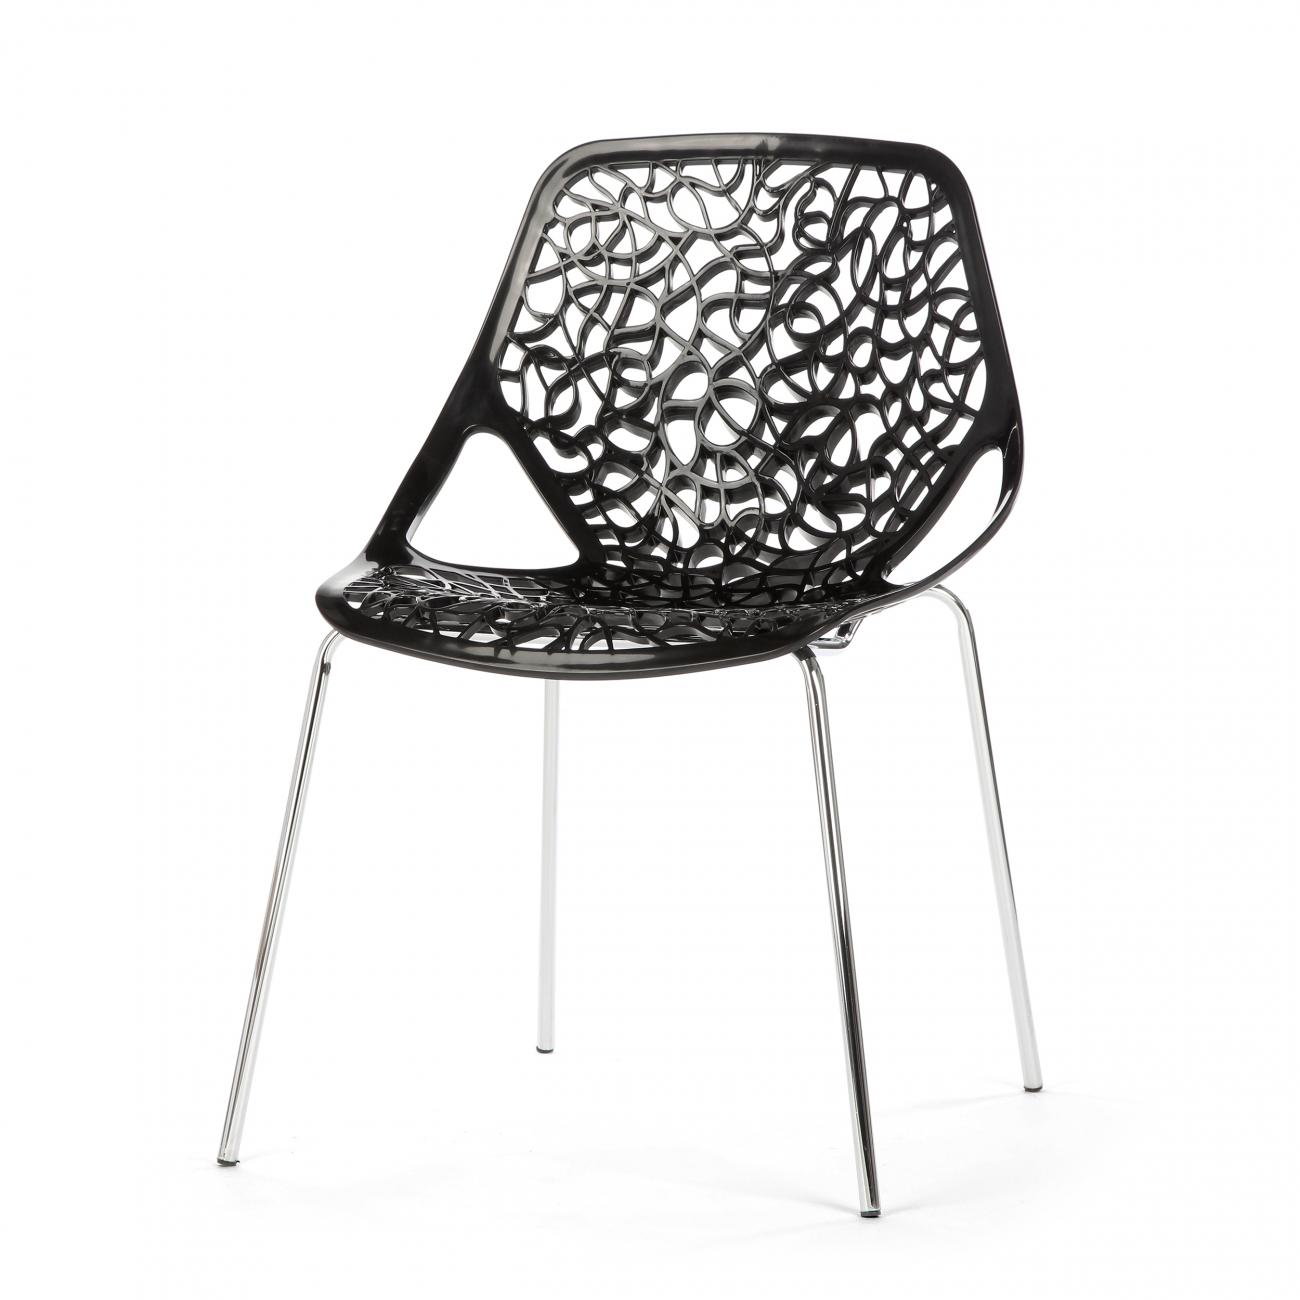 Купить Стул Caprice Чёрный в интернет магазине дизайнерской мебели и аксессуаров для дома и дачи